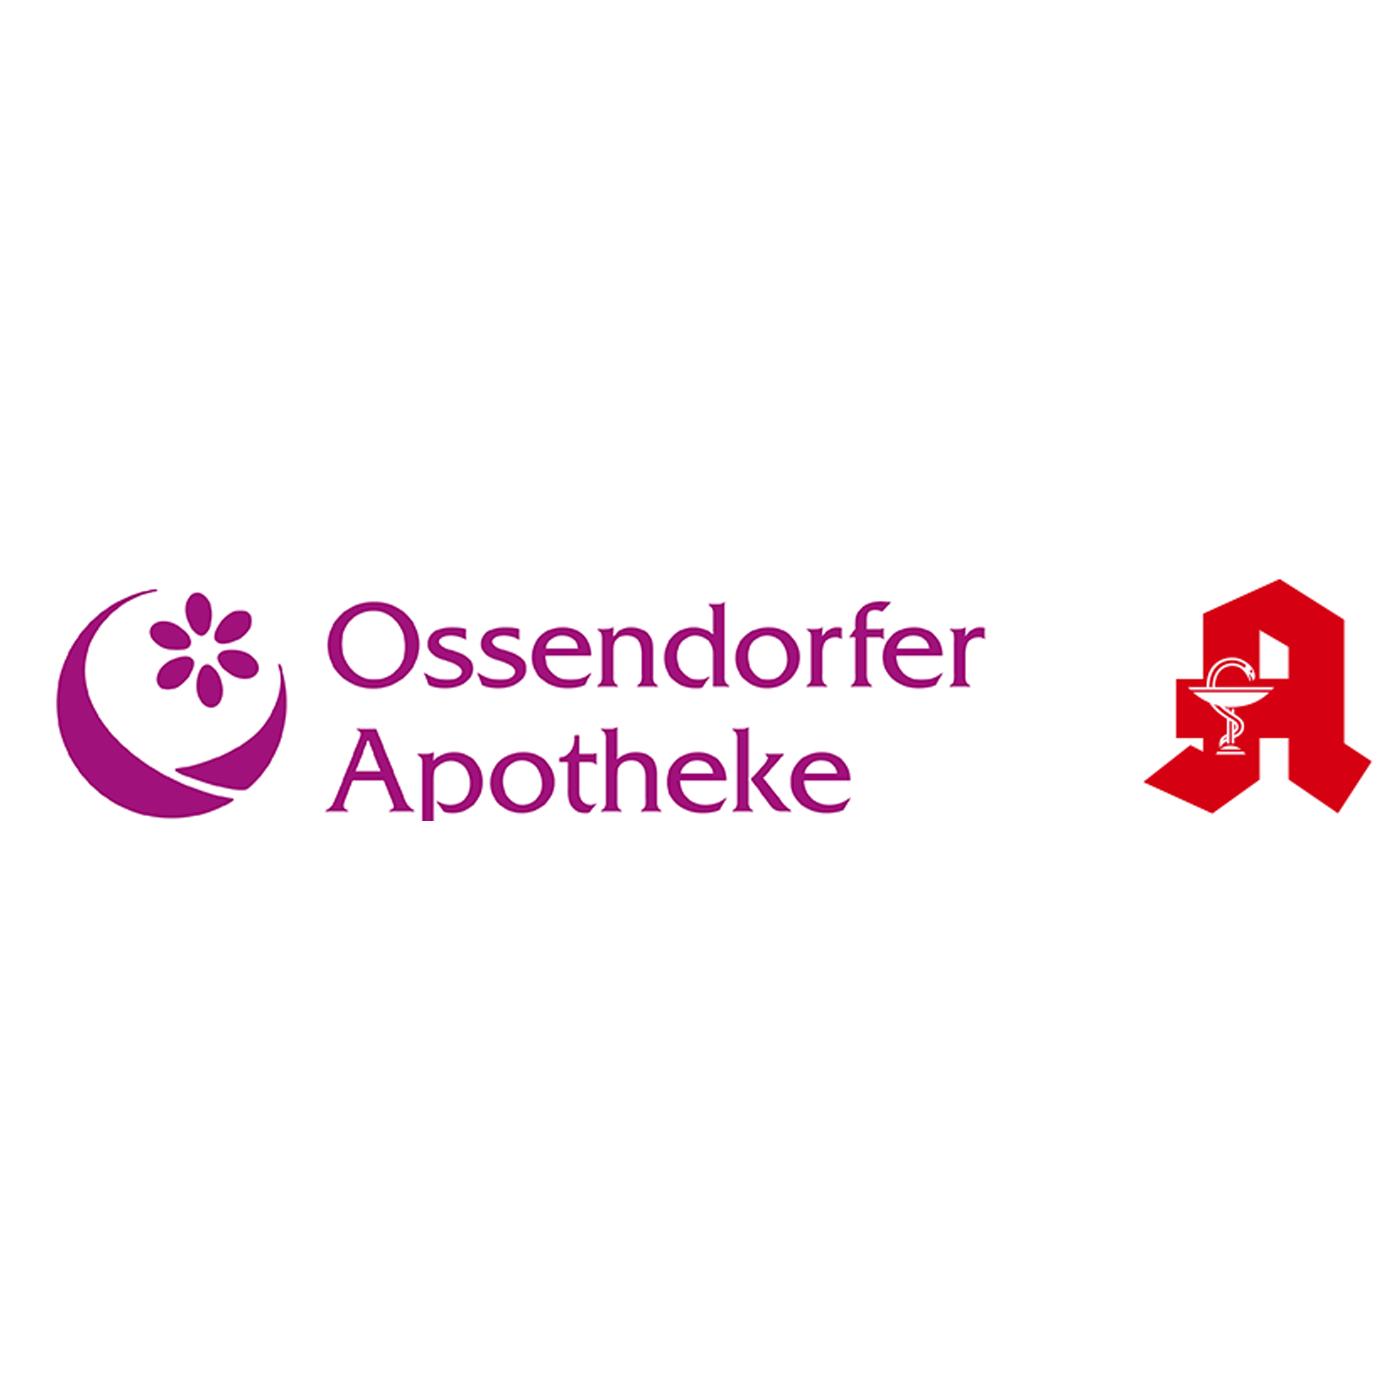 Ossendorfer Apotheke